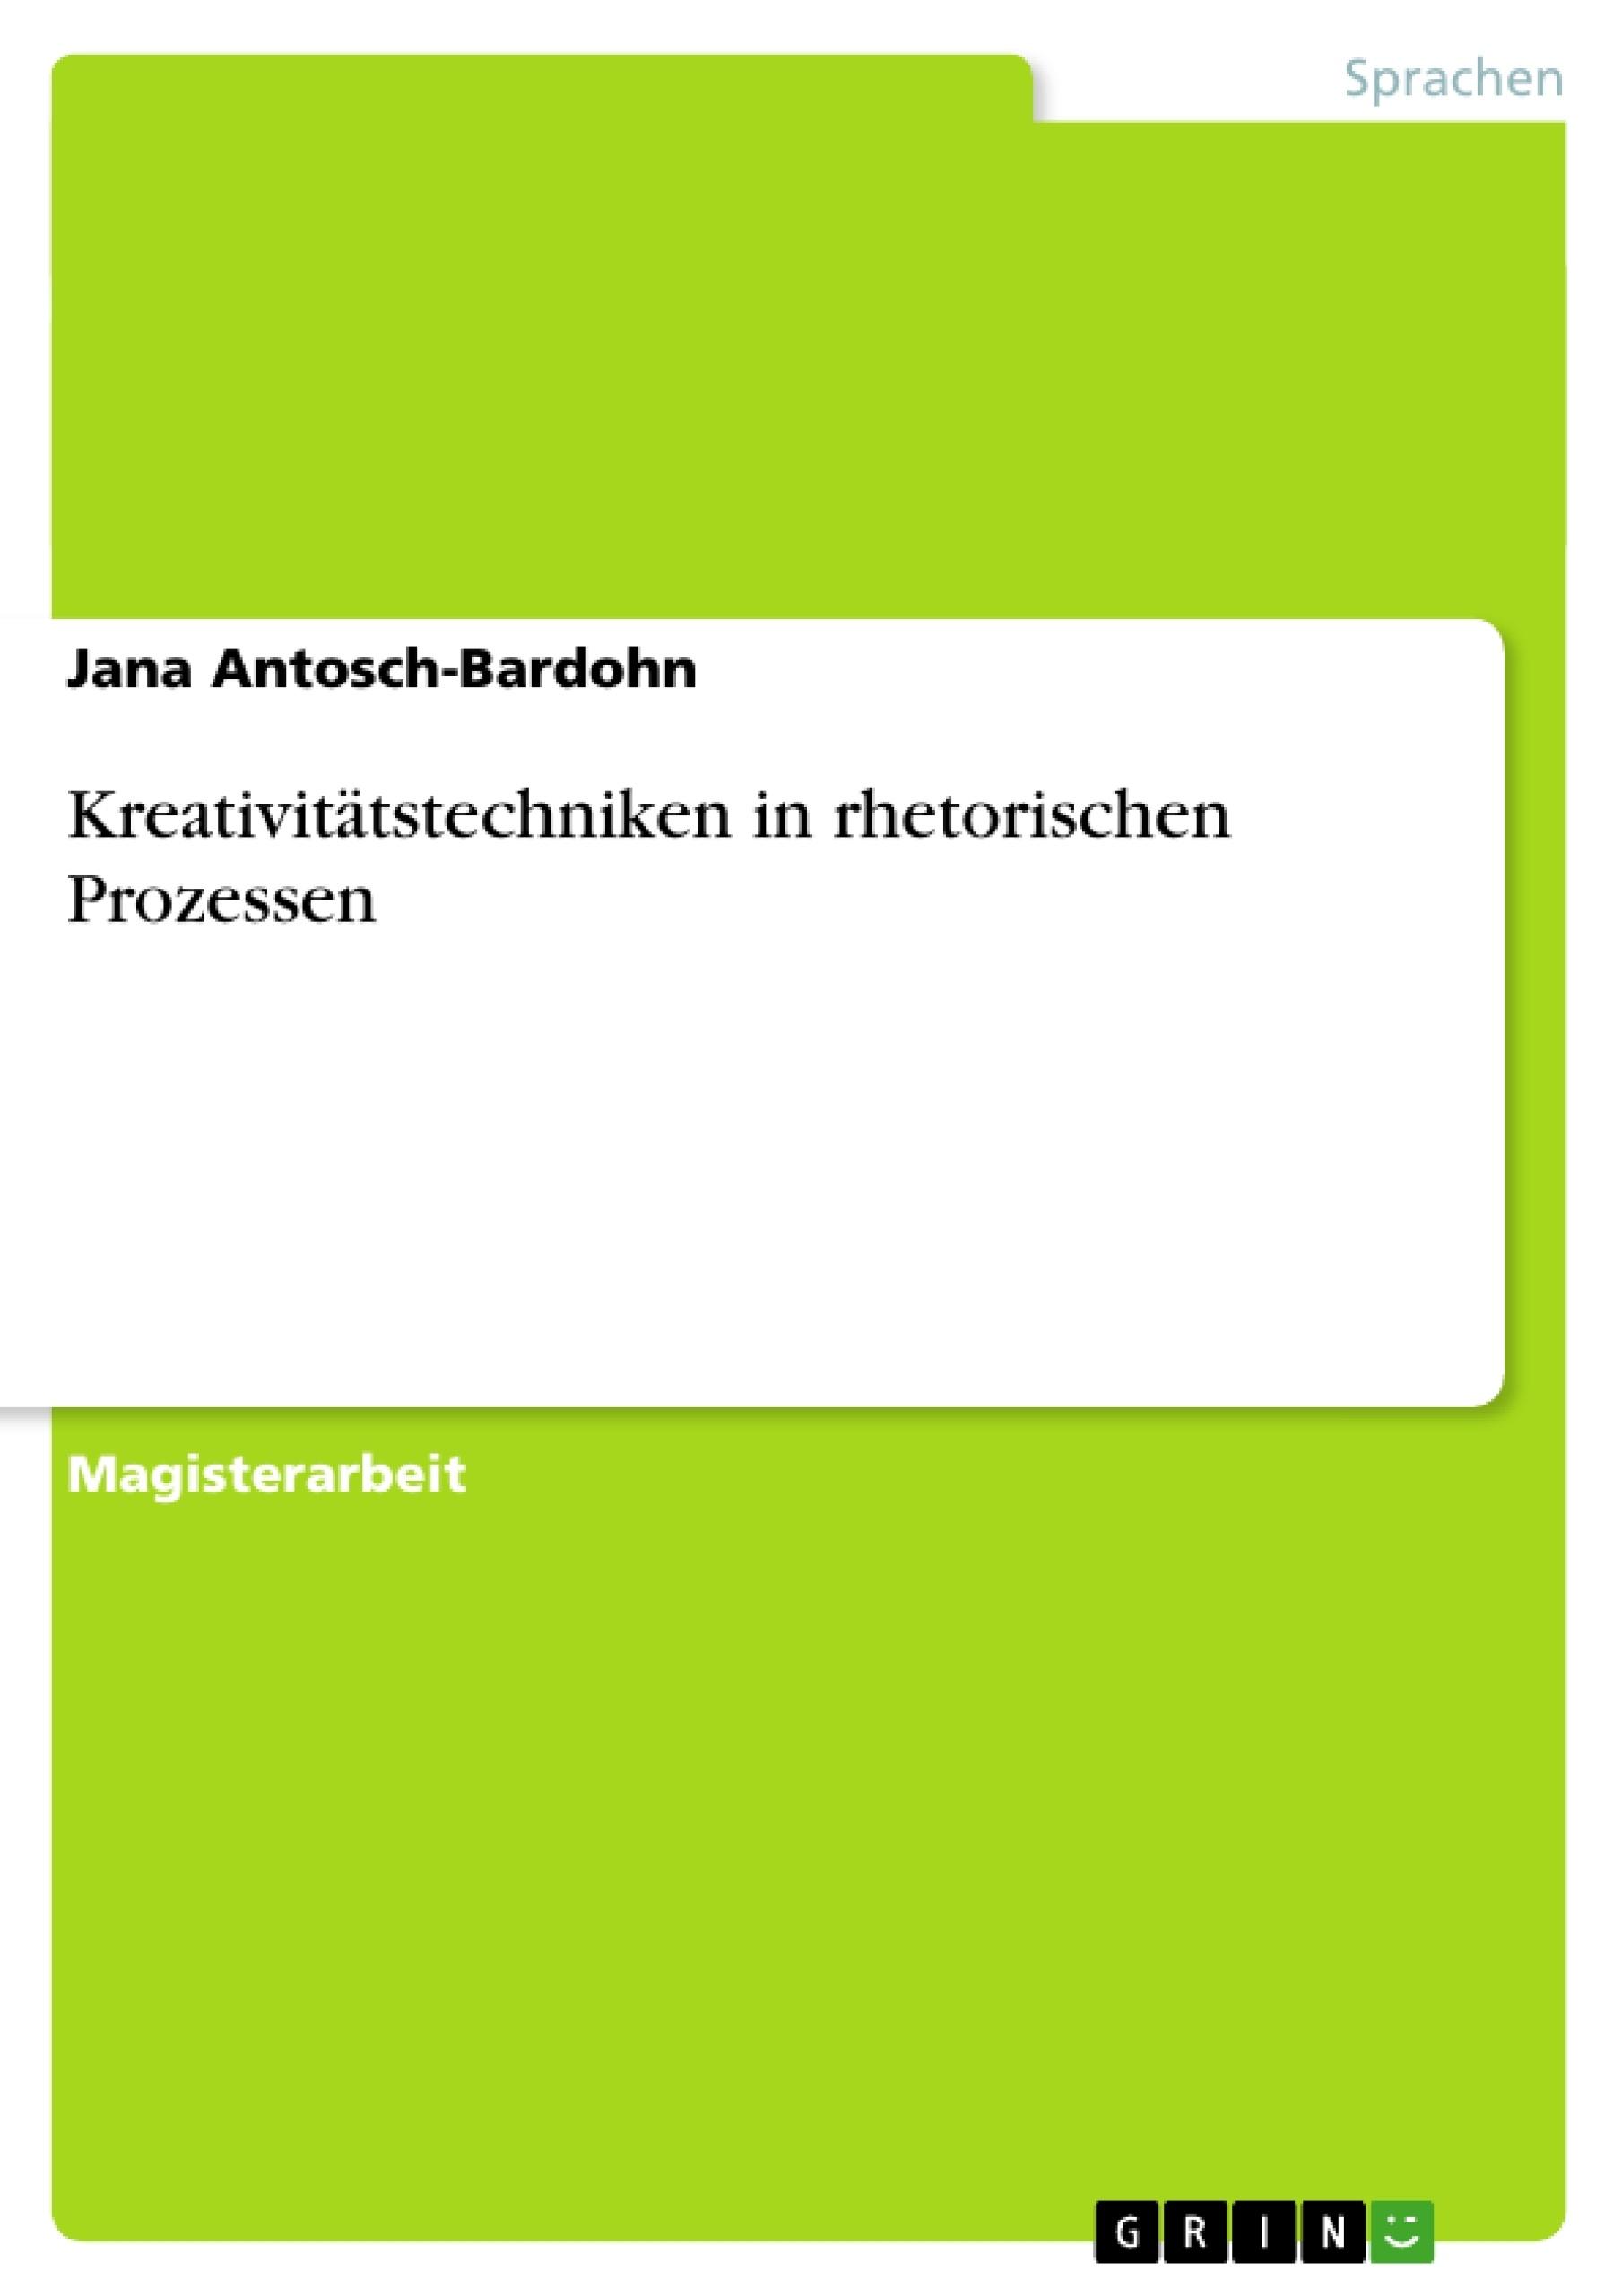 Titel: Kreativitätstechniken in rhetorischen Prozessen